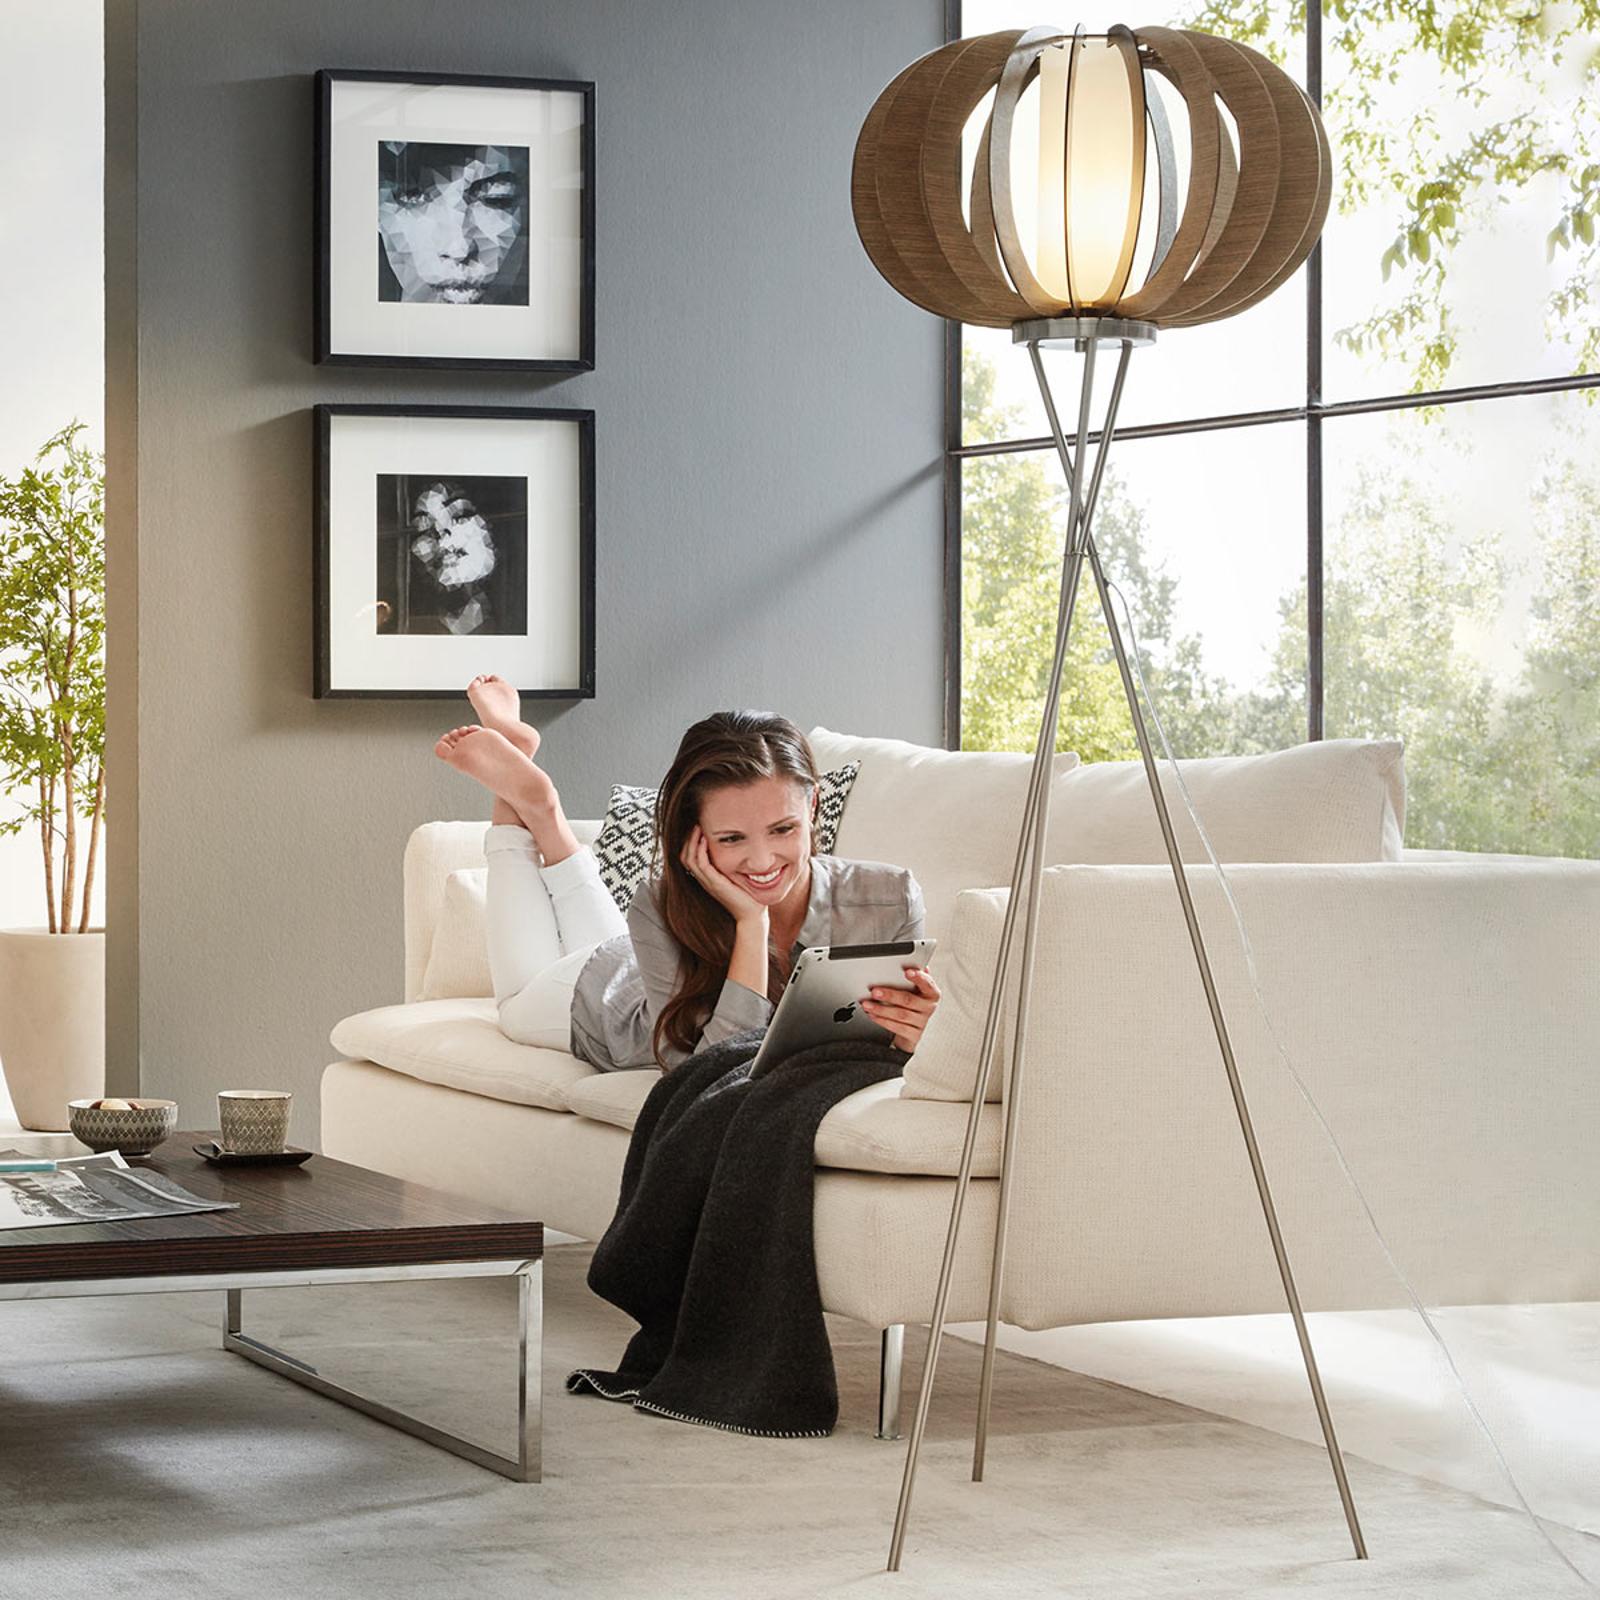 Effectieve vloerlamp Stellato met houten latten